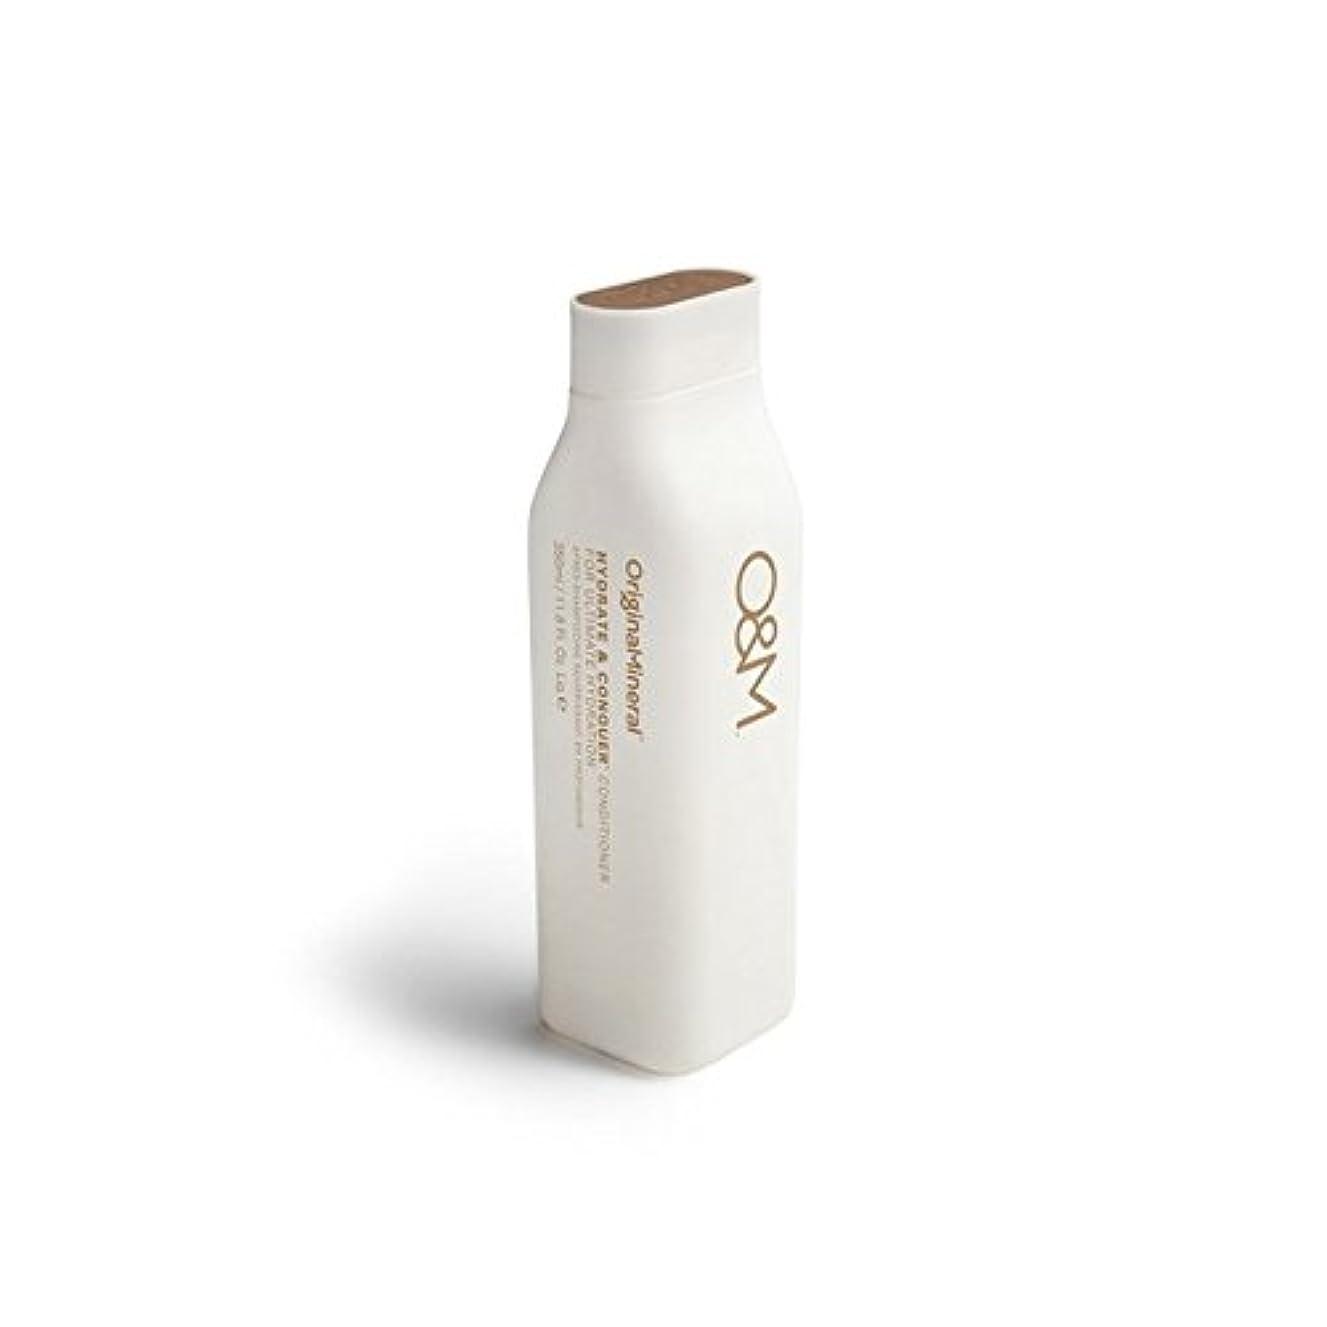 広くオプショナル好きOriginal & Mineral Hydrate And Conquer Conditioner (350ml) - オリジナル&ミネラル水和物及びコンディショナー(350ミリリットル)を征服 [並行輸入品]